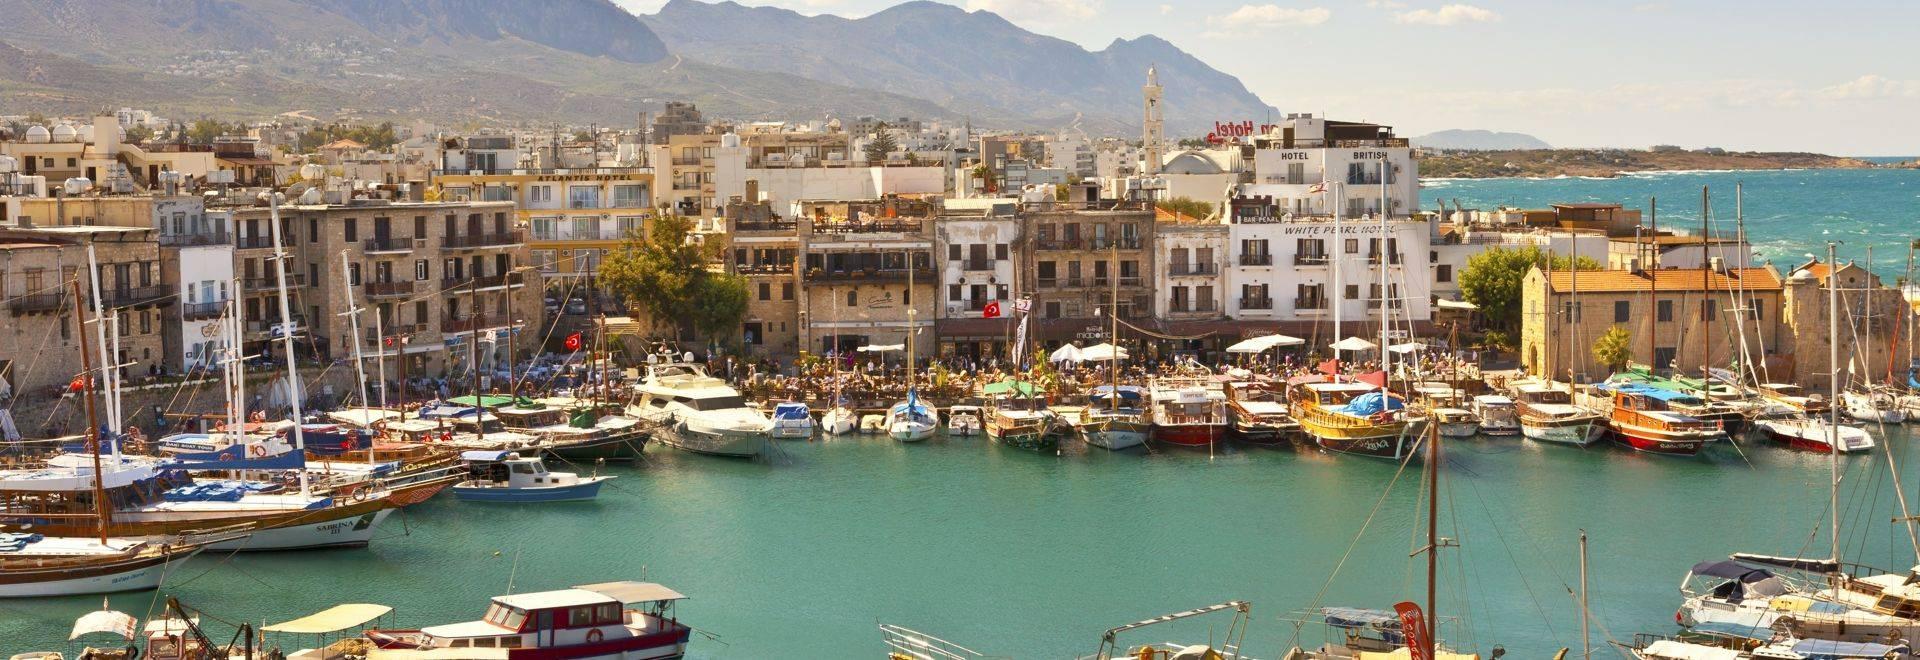 Kyrenia Harbour Shutterstock 174897428